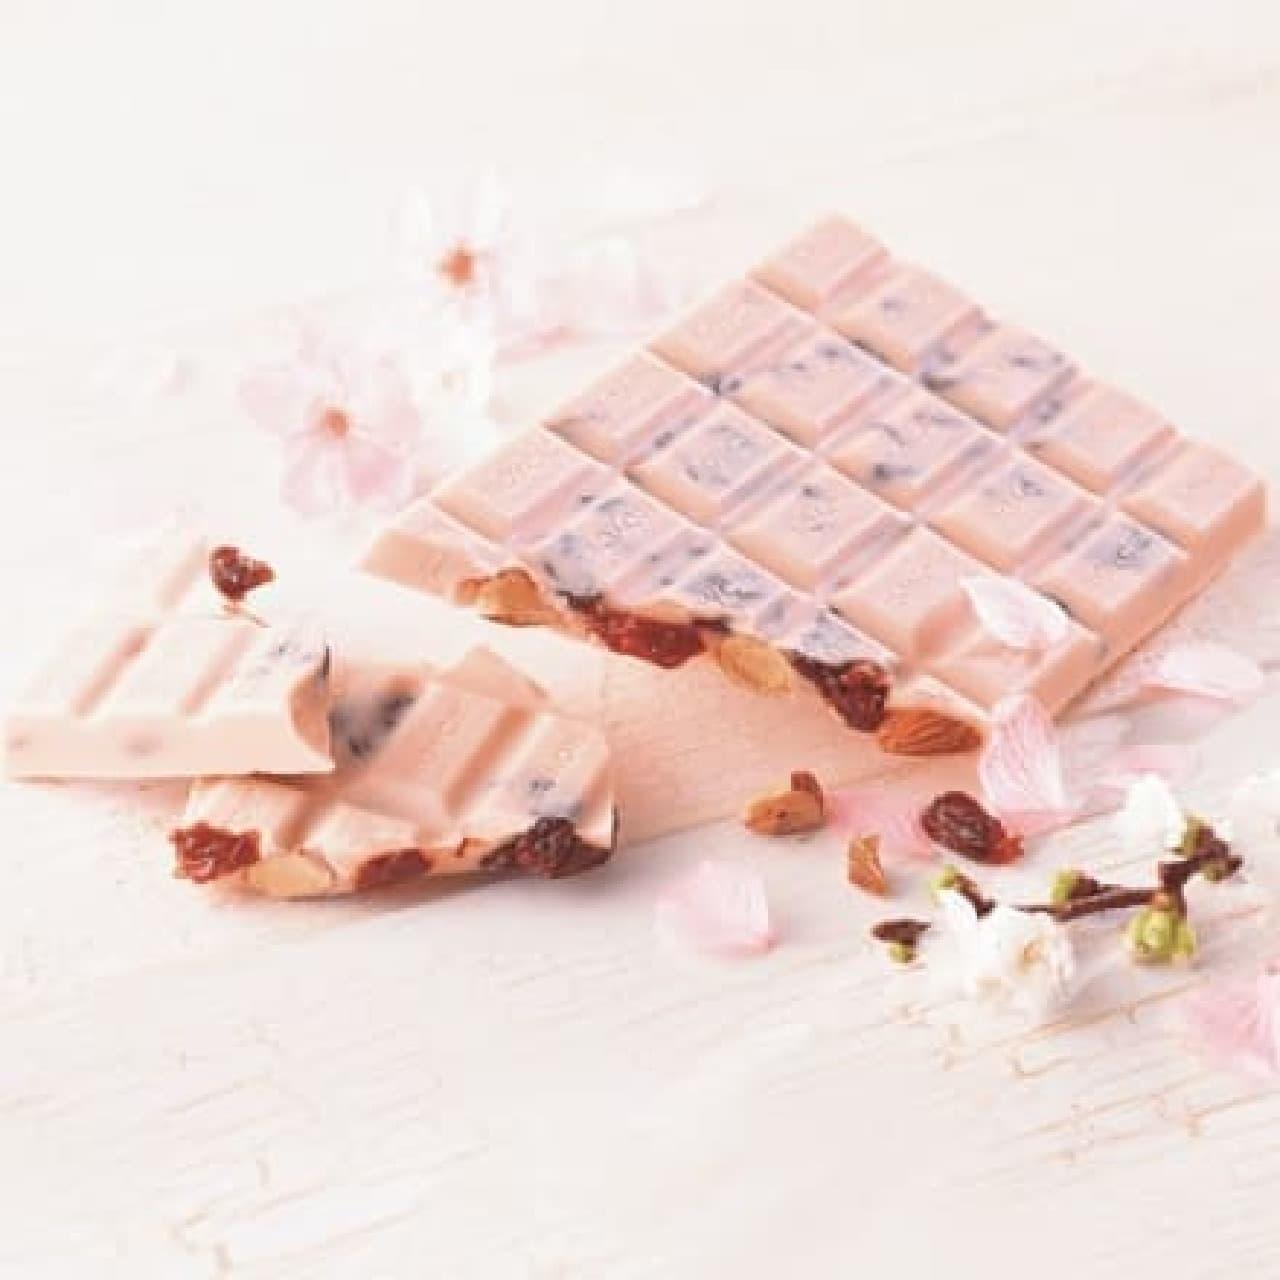 ロイズの板チョコレート[さくらベリー(チェリー&アーモンド)]